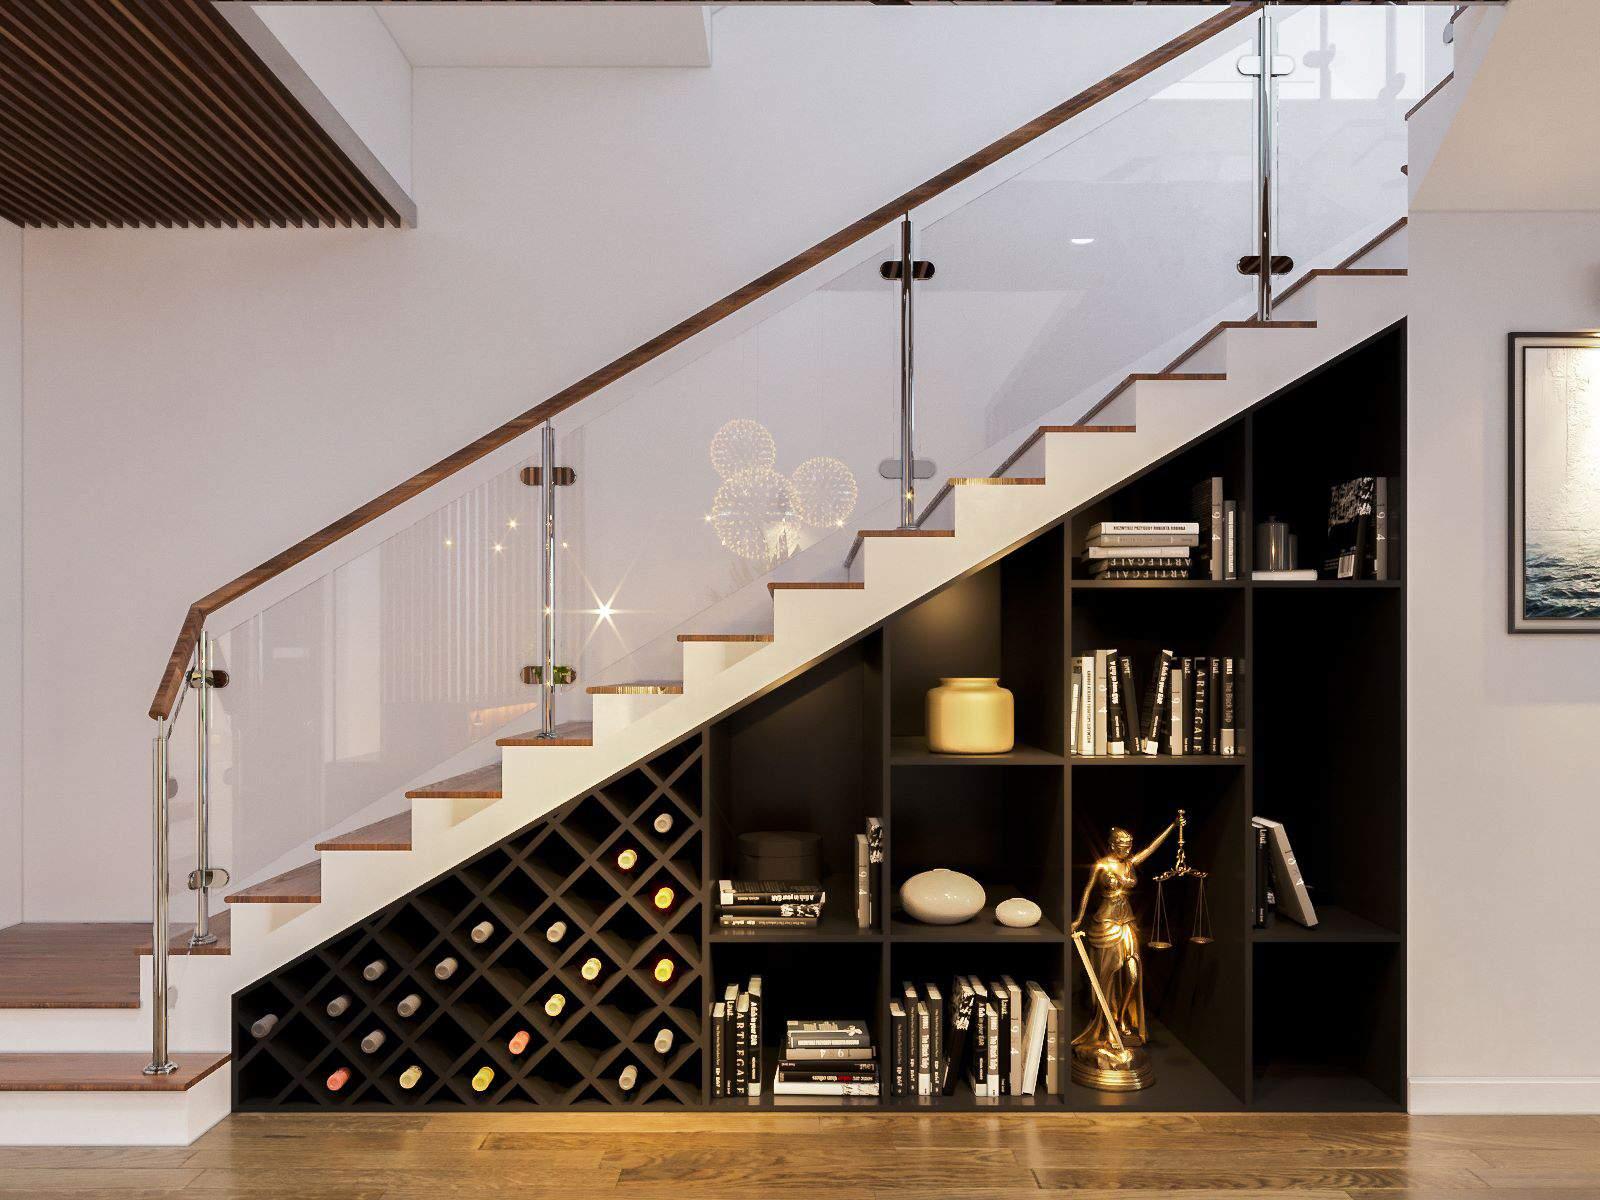 Mẫu thiết kế phòng khách đẹp có cầu thang đẹp tiện nghi